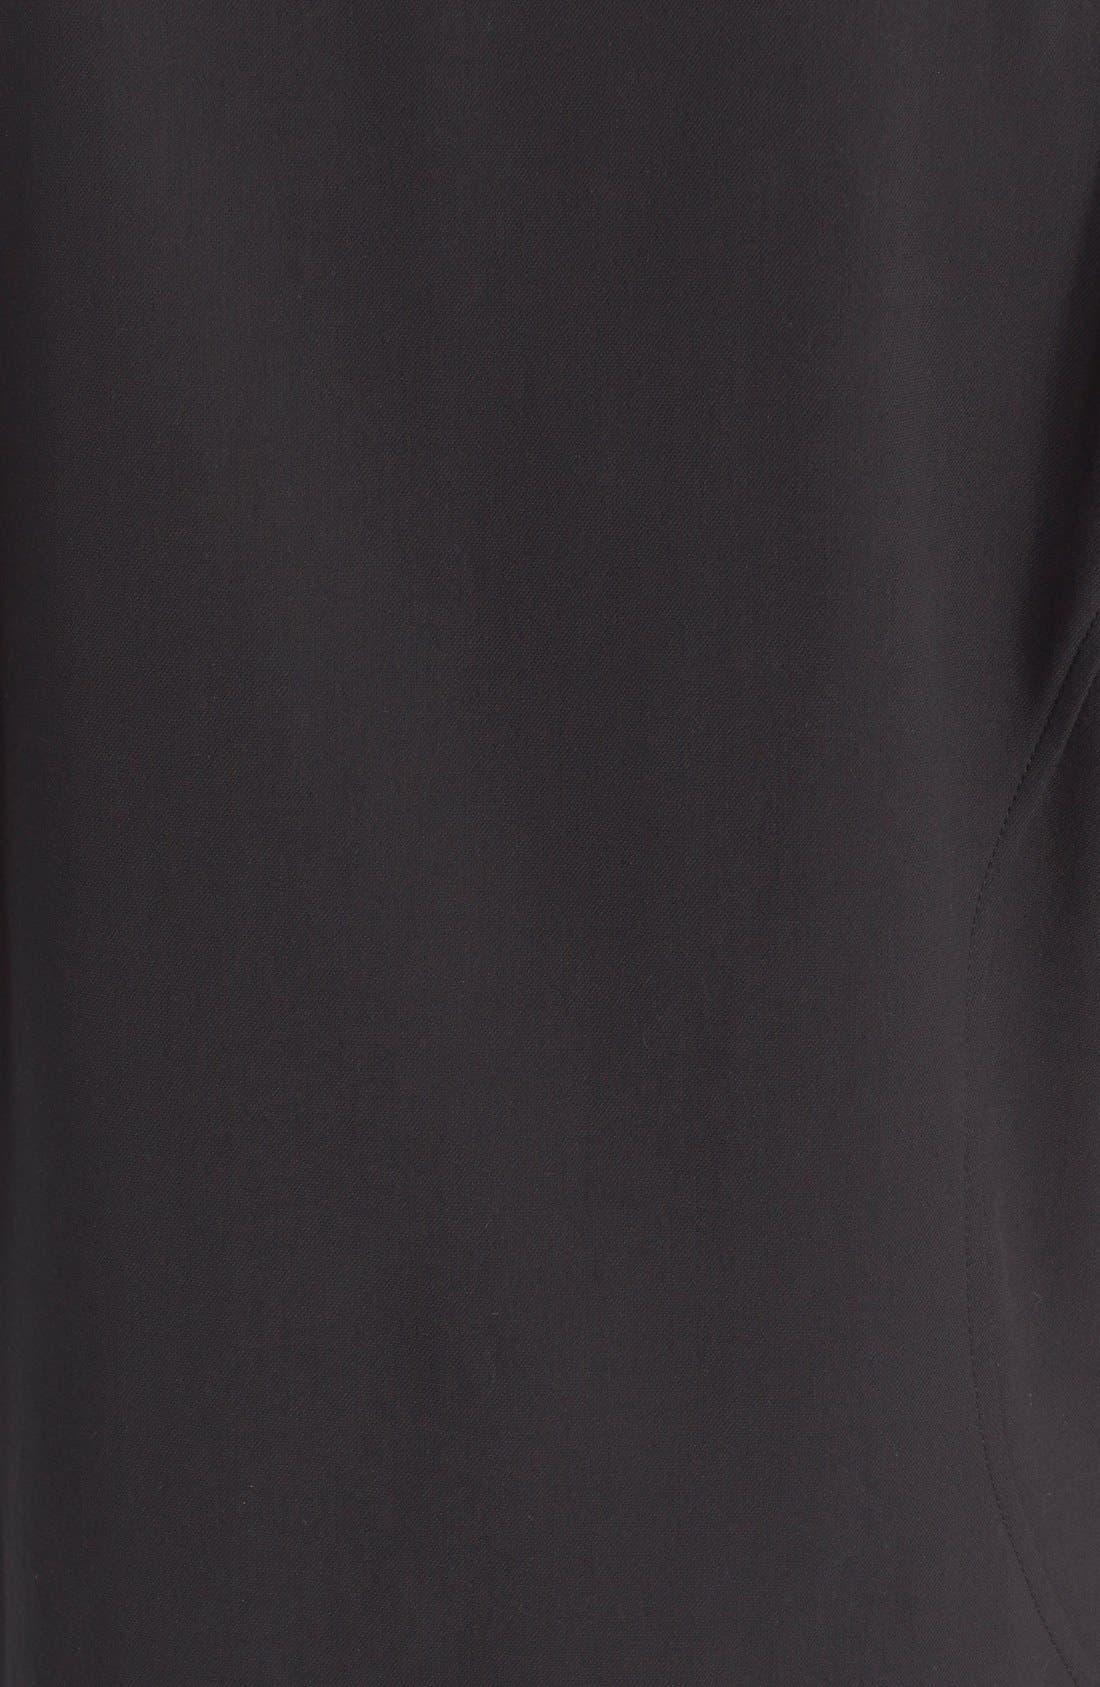 BELSTAFF, Grommet Detail Stretch Cotton Shift Dress, Alternate thumbnail 3, color, 001